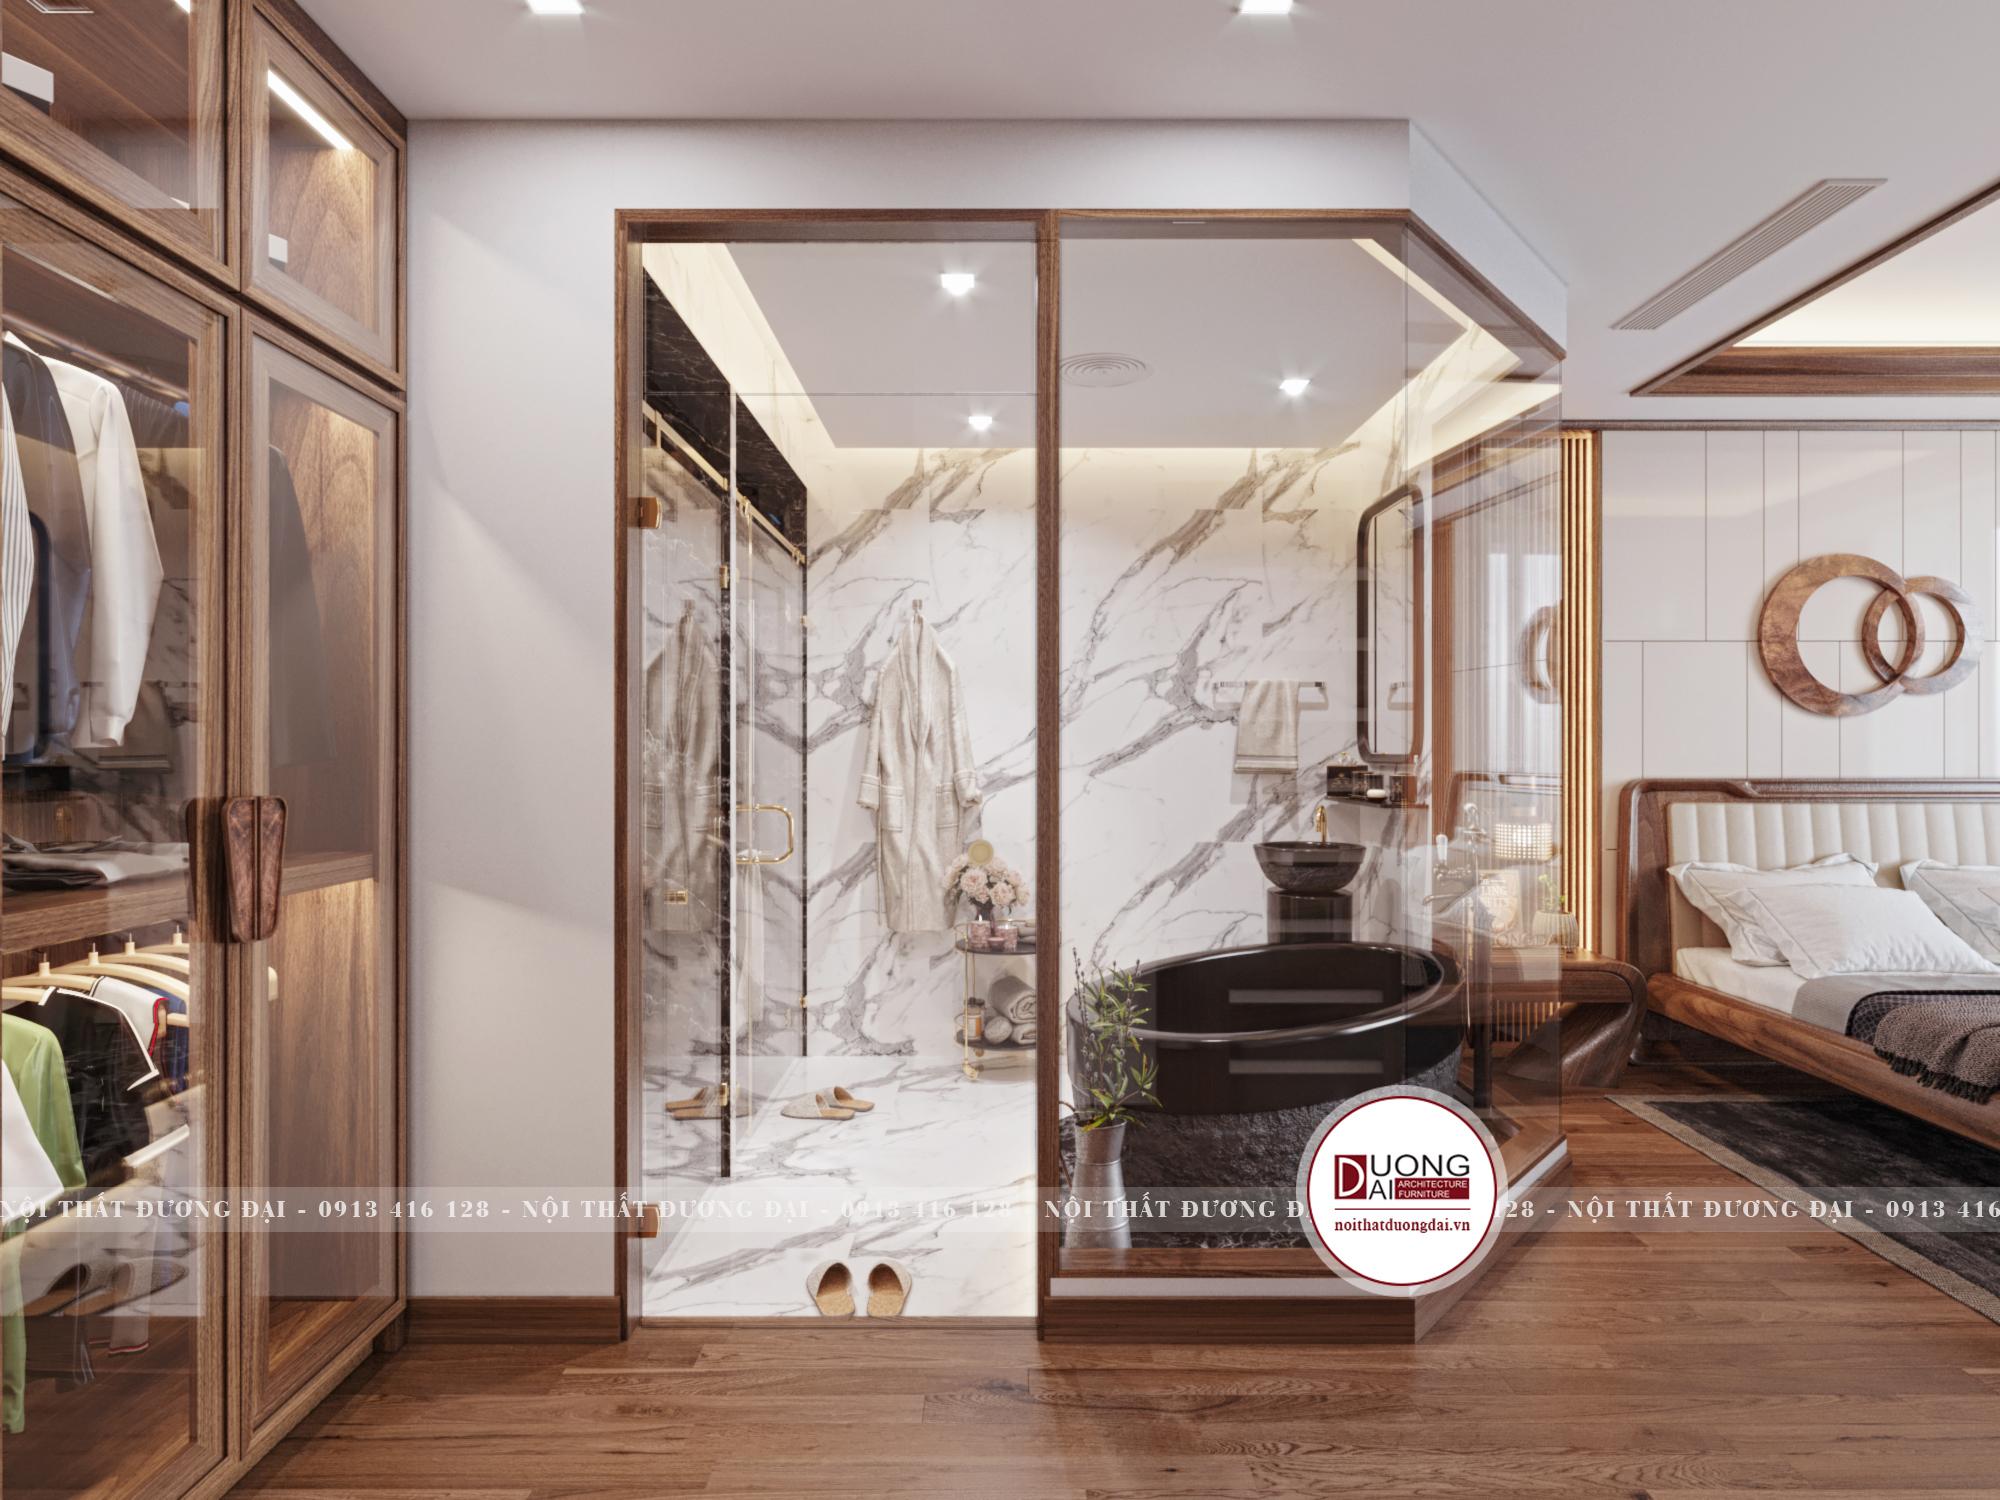 Thiết kế nội thất Chung Cư tại Hà Nội SKY VILLA 01 TẦNG 2 1632153748 8